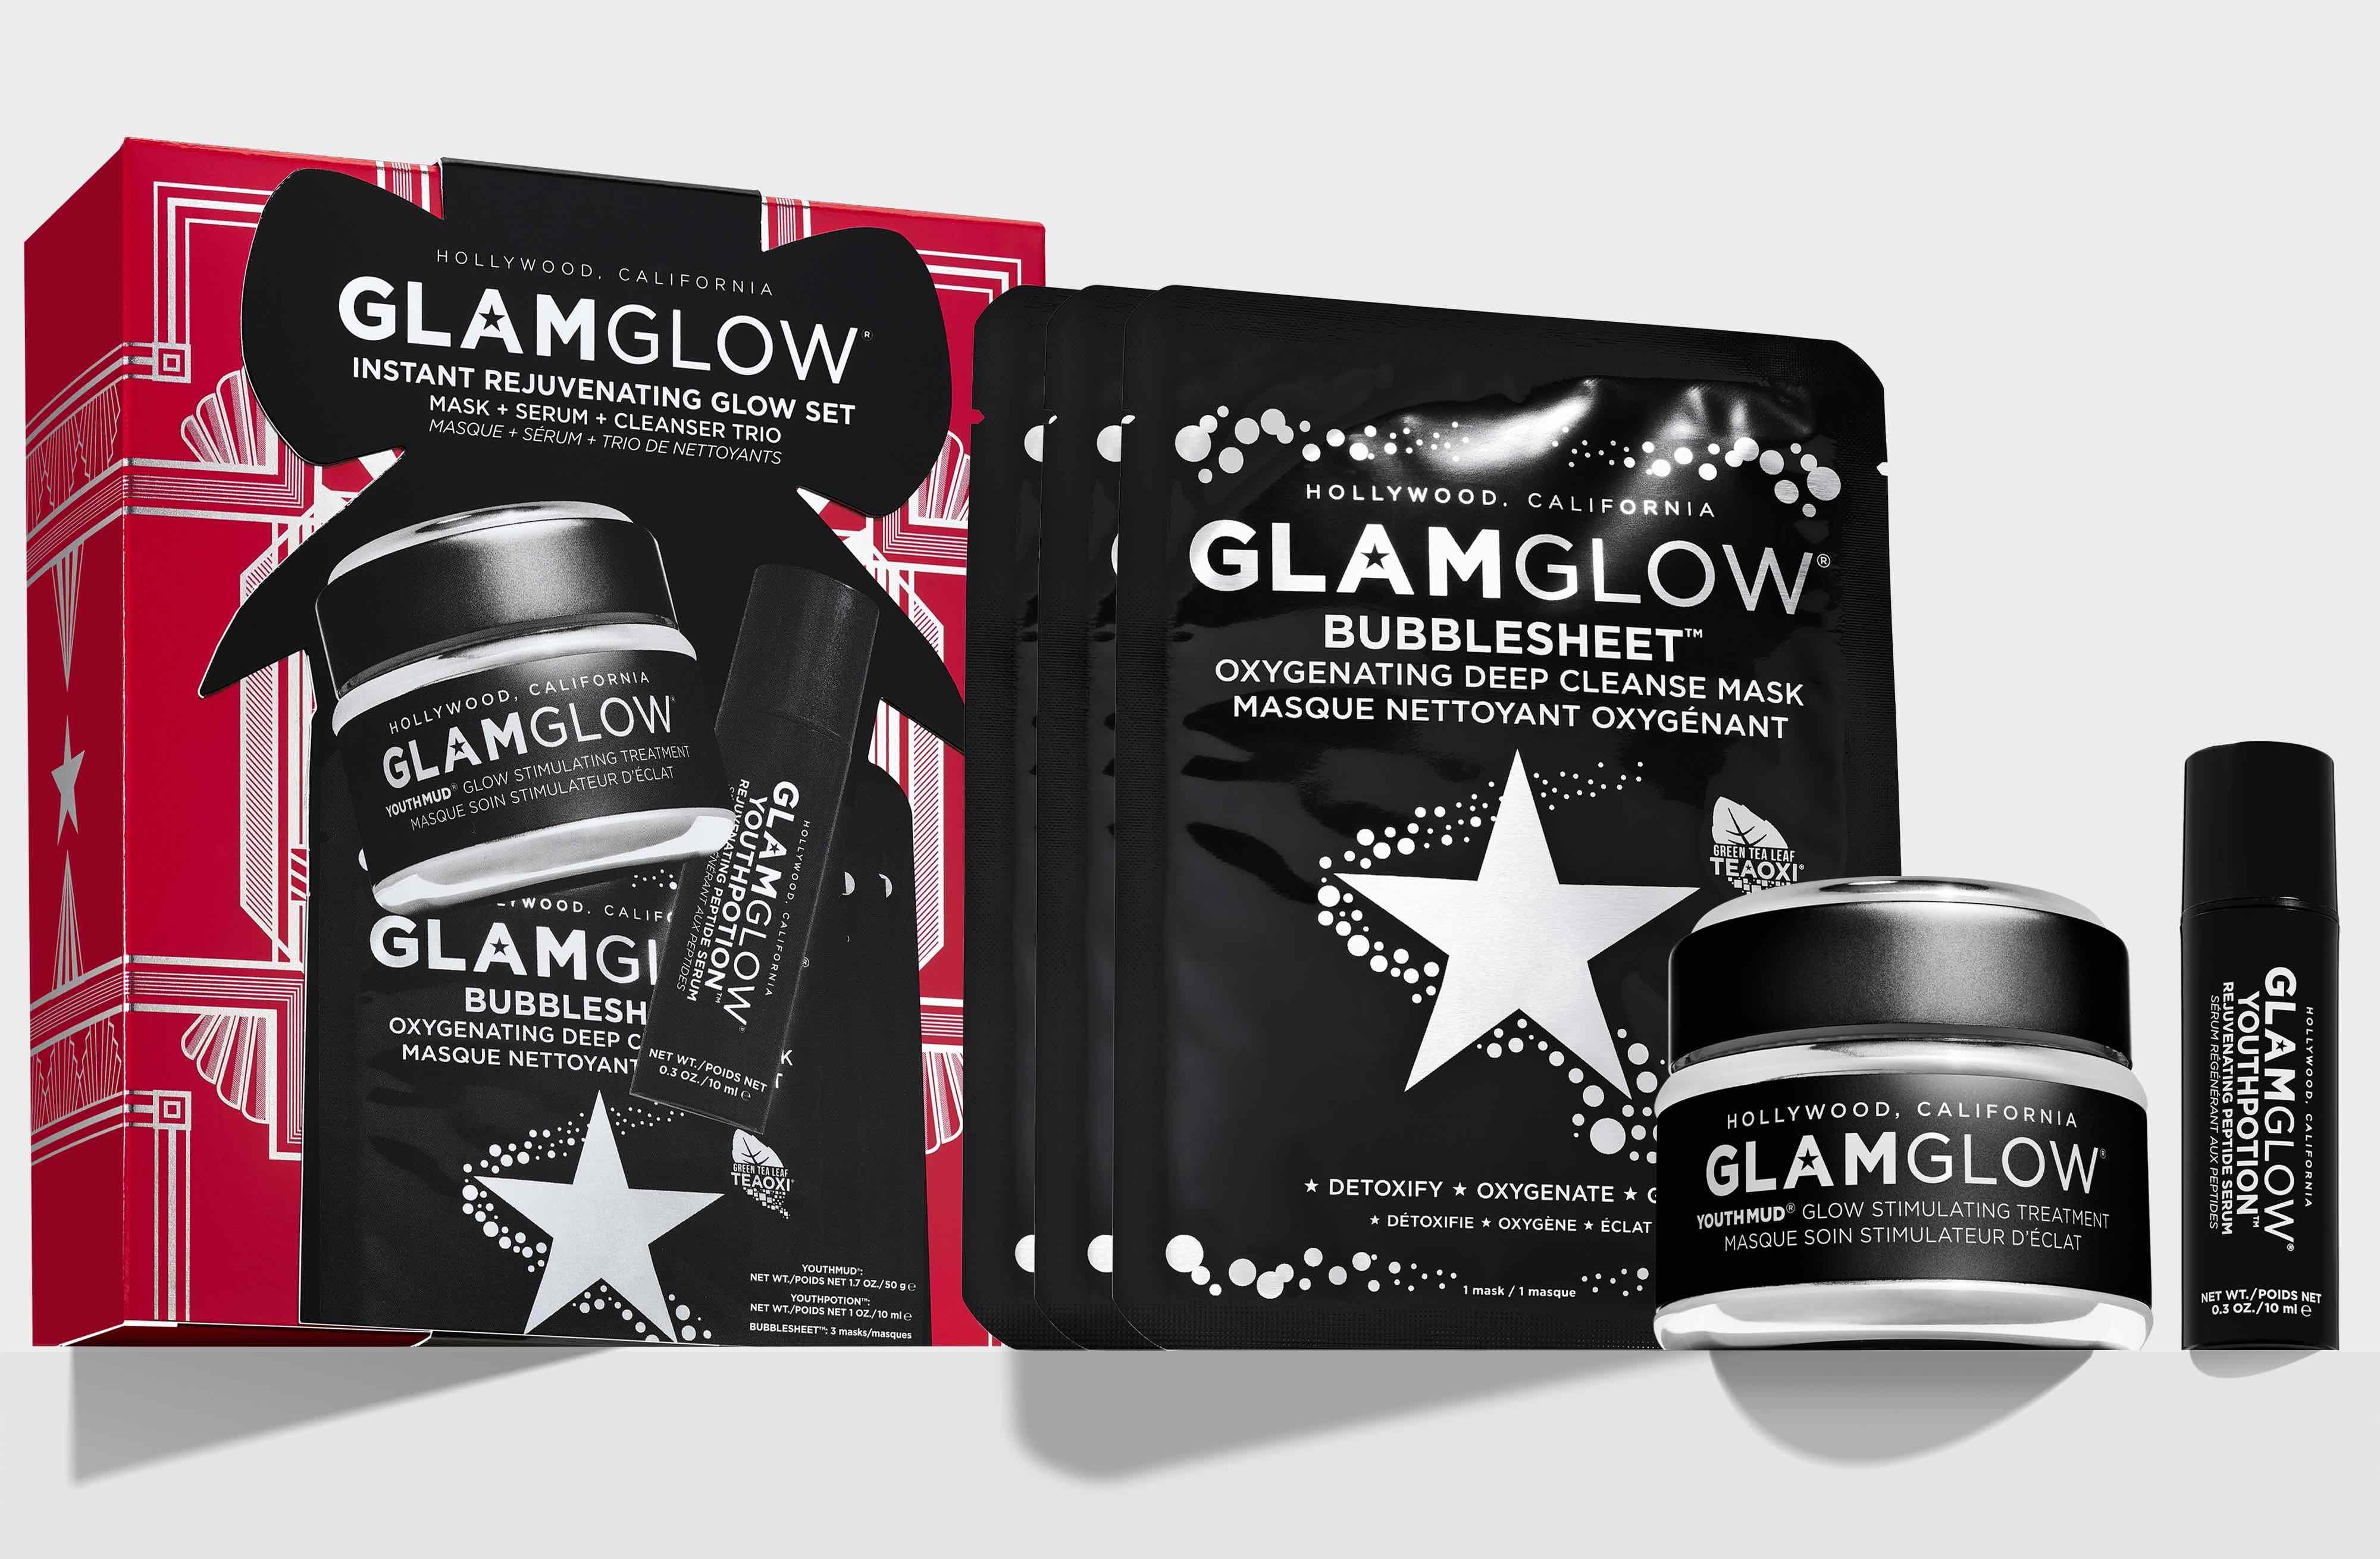 Glamglow Holiday Collection - Cofanetti regalo Natale 2020 - Info recensione prezzo dove acquistare - Instant Rejuvenating Glow Set